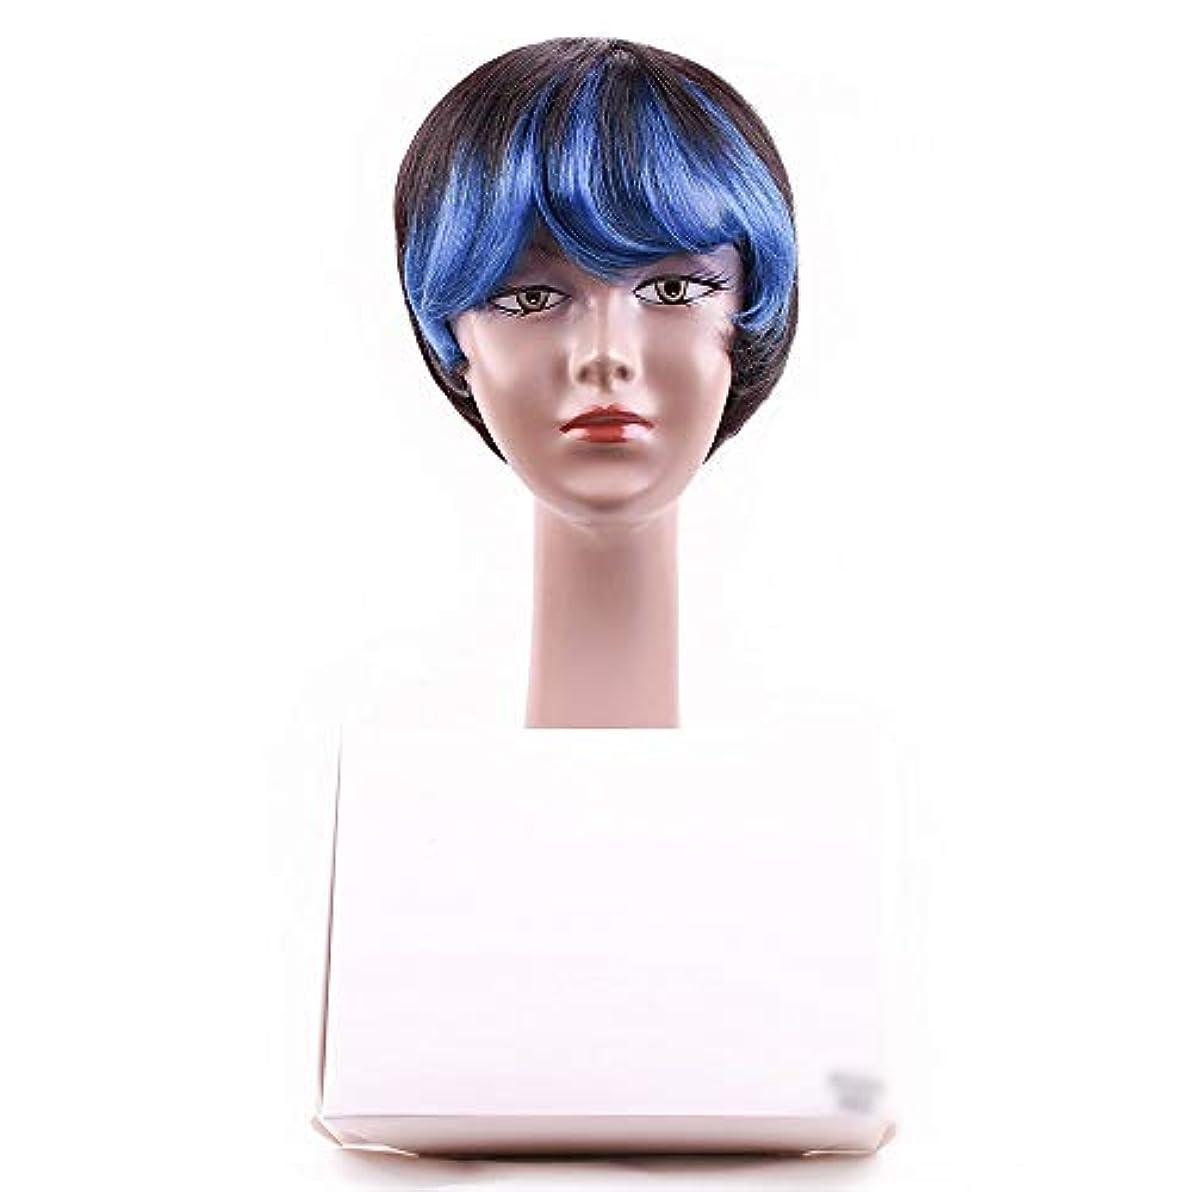 パンサー密輸高価なWASAIO 女性のためのウィッグキャップは、斜めとかつら全頭コスプレパーティーウィッグフィンガーウェーブフラッパーウィッグパーティーのコスプレ前髪ボブ (色 : 青)